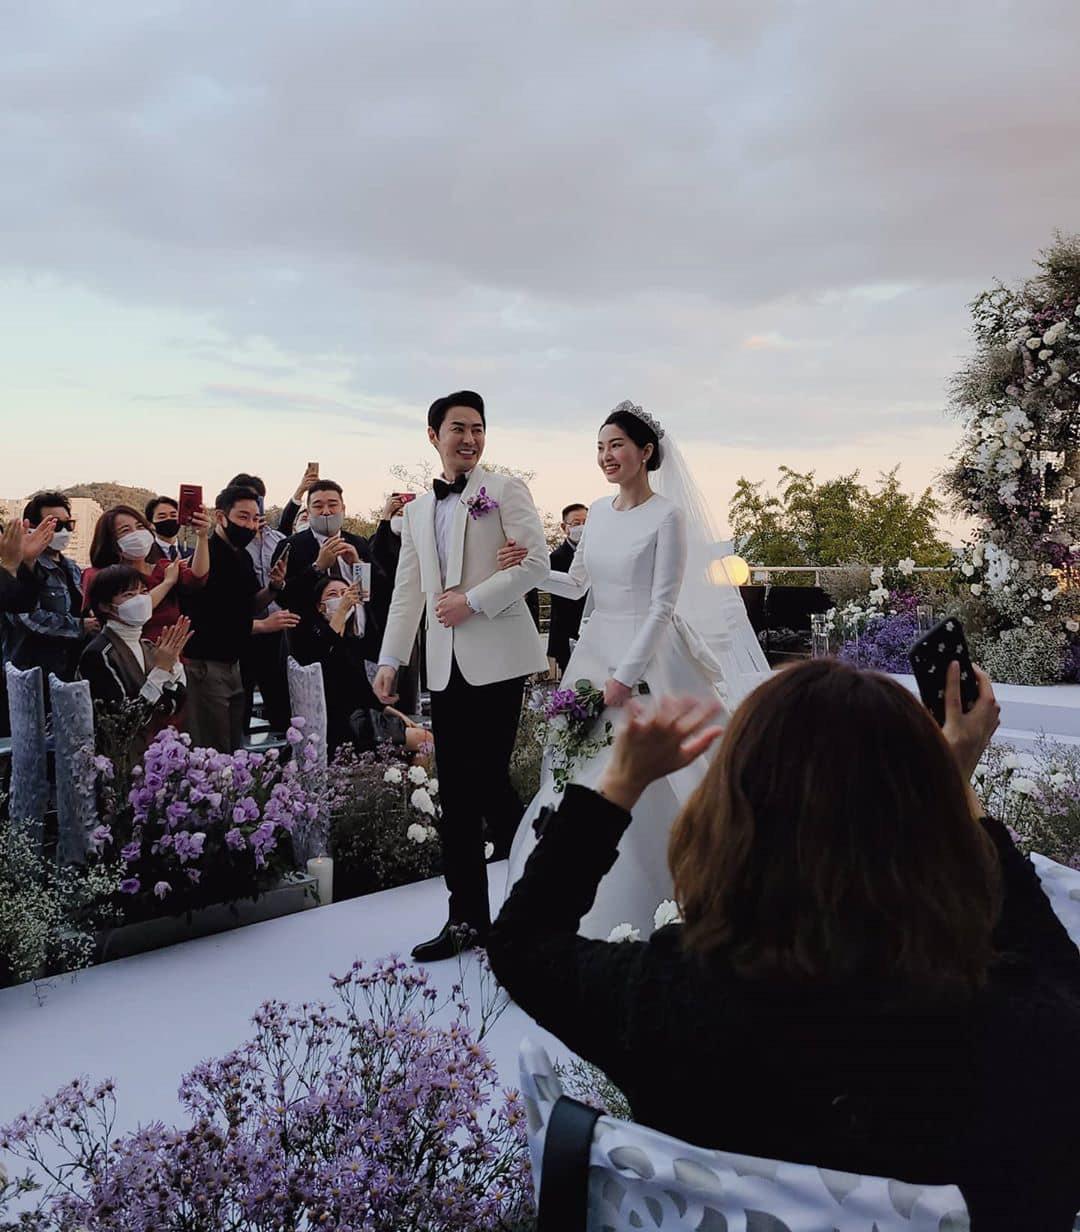 Đám cưới hot nhất Kbiz hôm nay: Nam thần Kpop một thời bảnh bao bên huyền thoại Shinhwa, nhan sắc cô dâu gây bất ngờ - Ảnh 10.